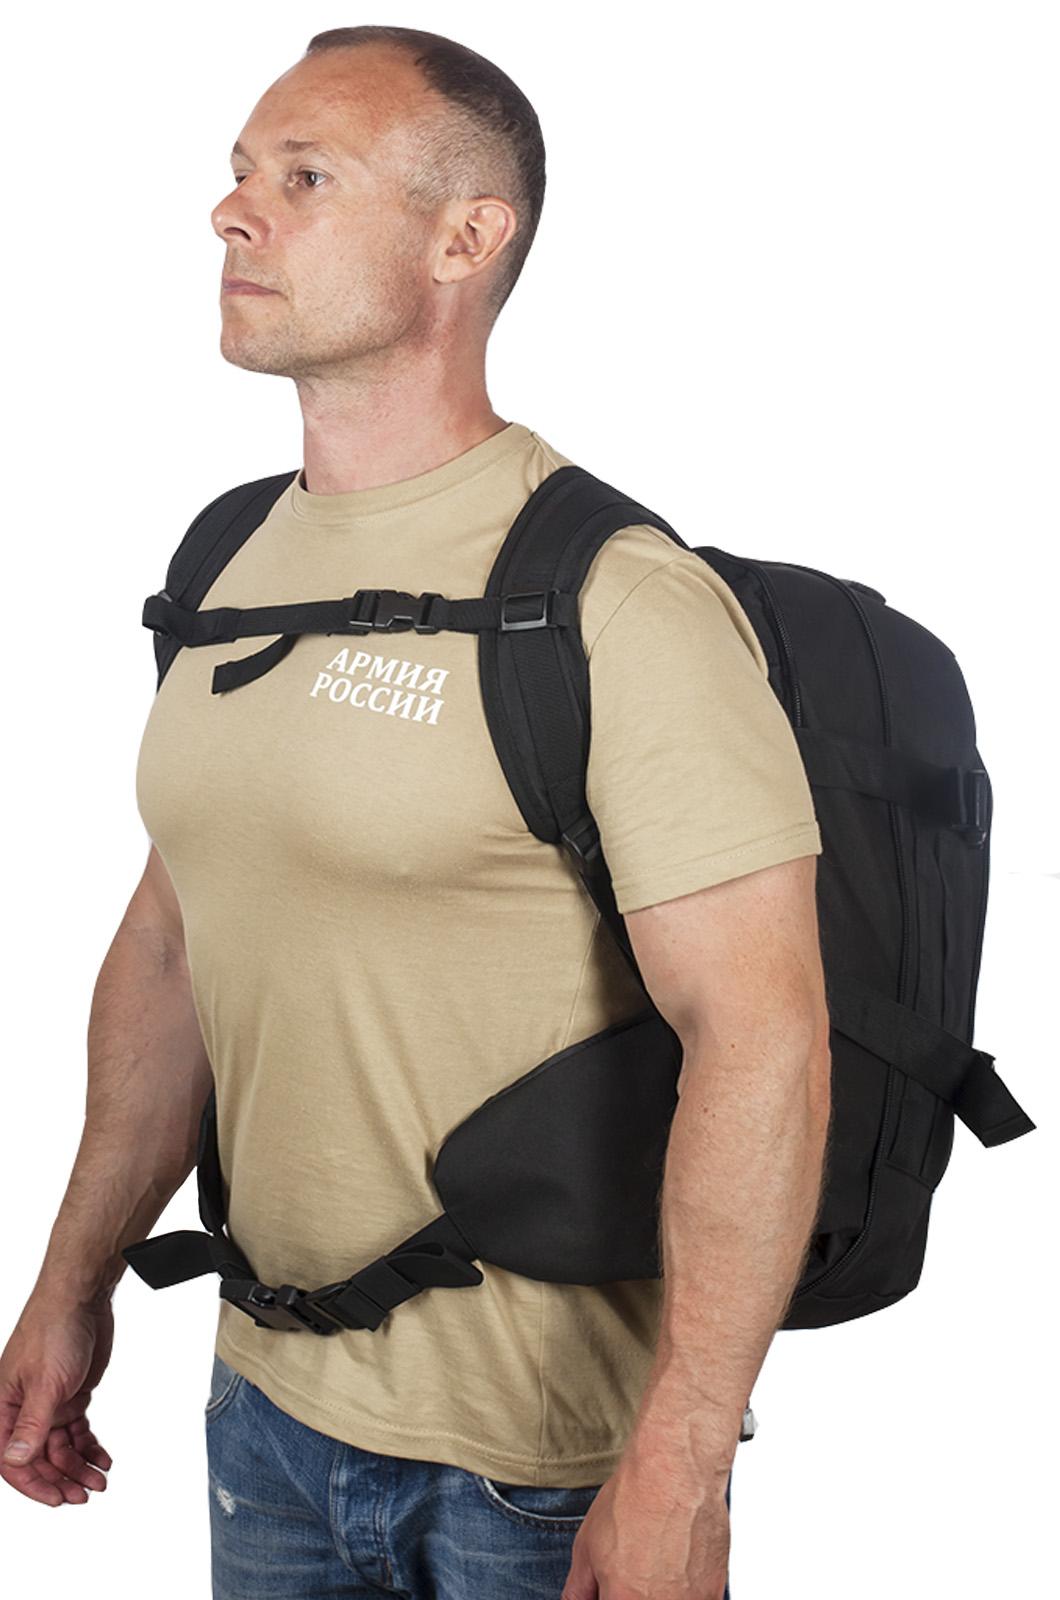 Черный трехдневный рюкзак с нашивкой Ни Пуха ни Пера - купить в розницу